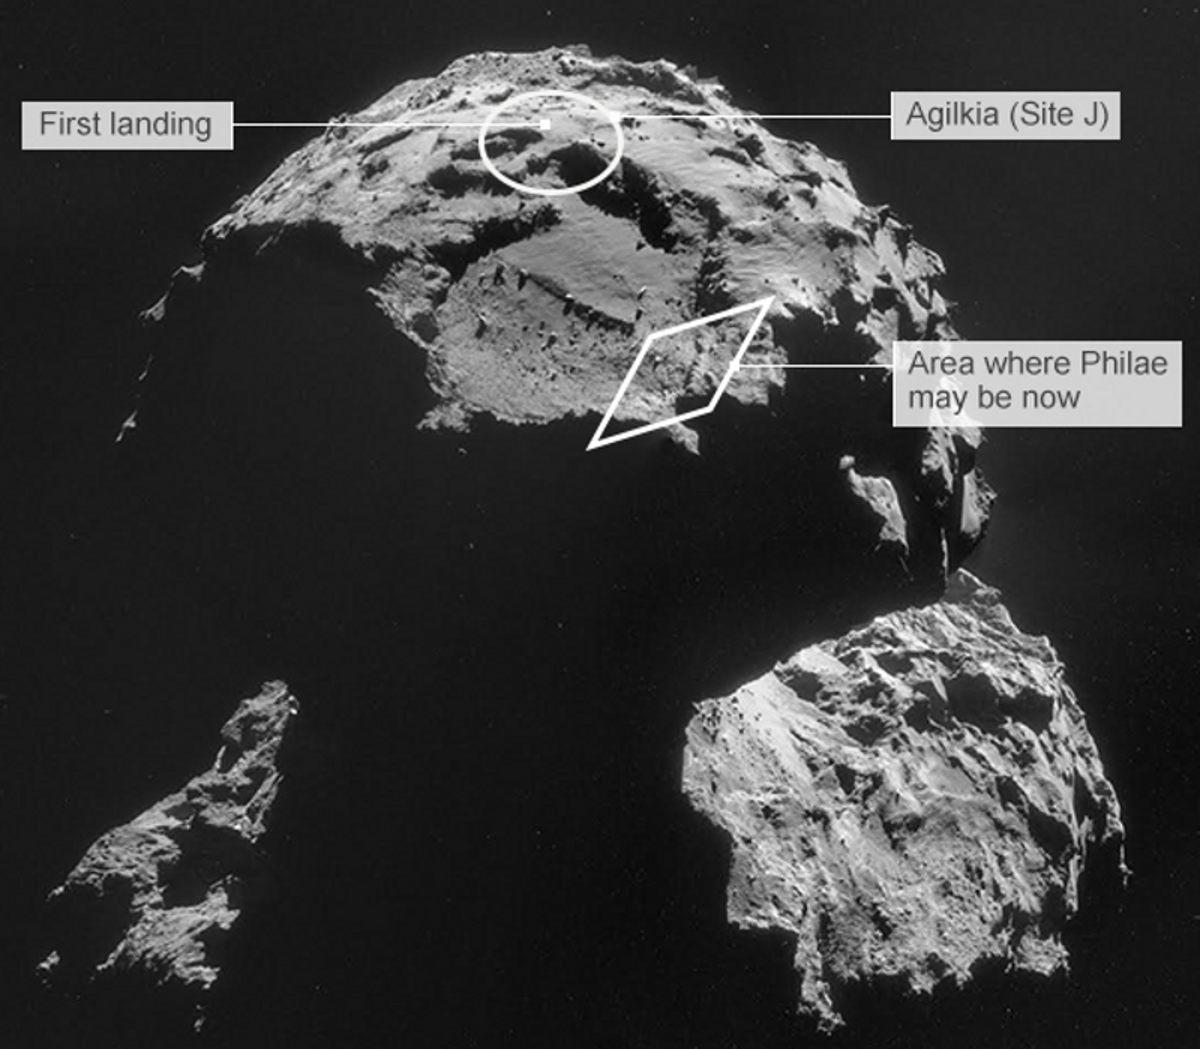 philae lander location